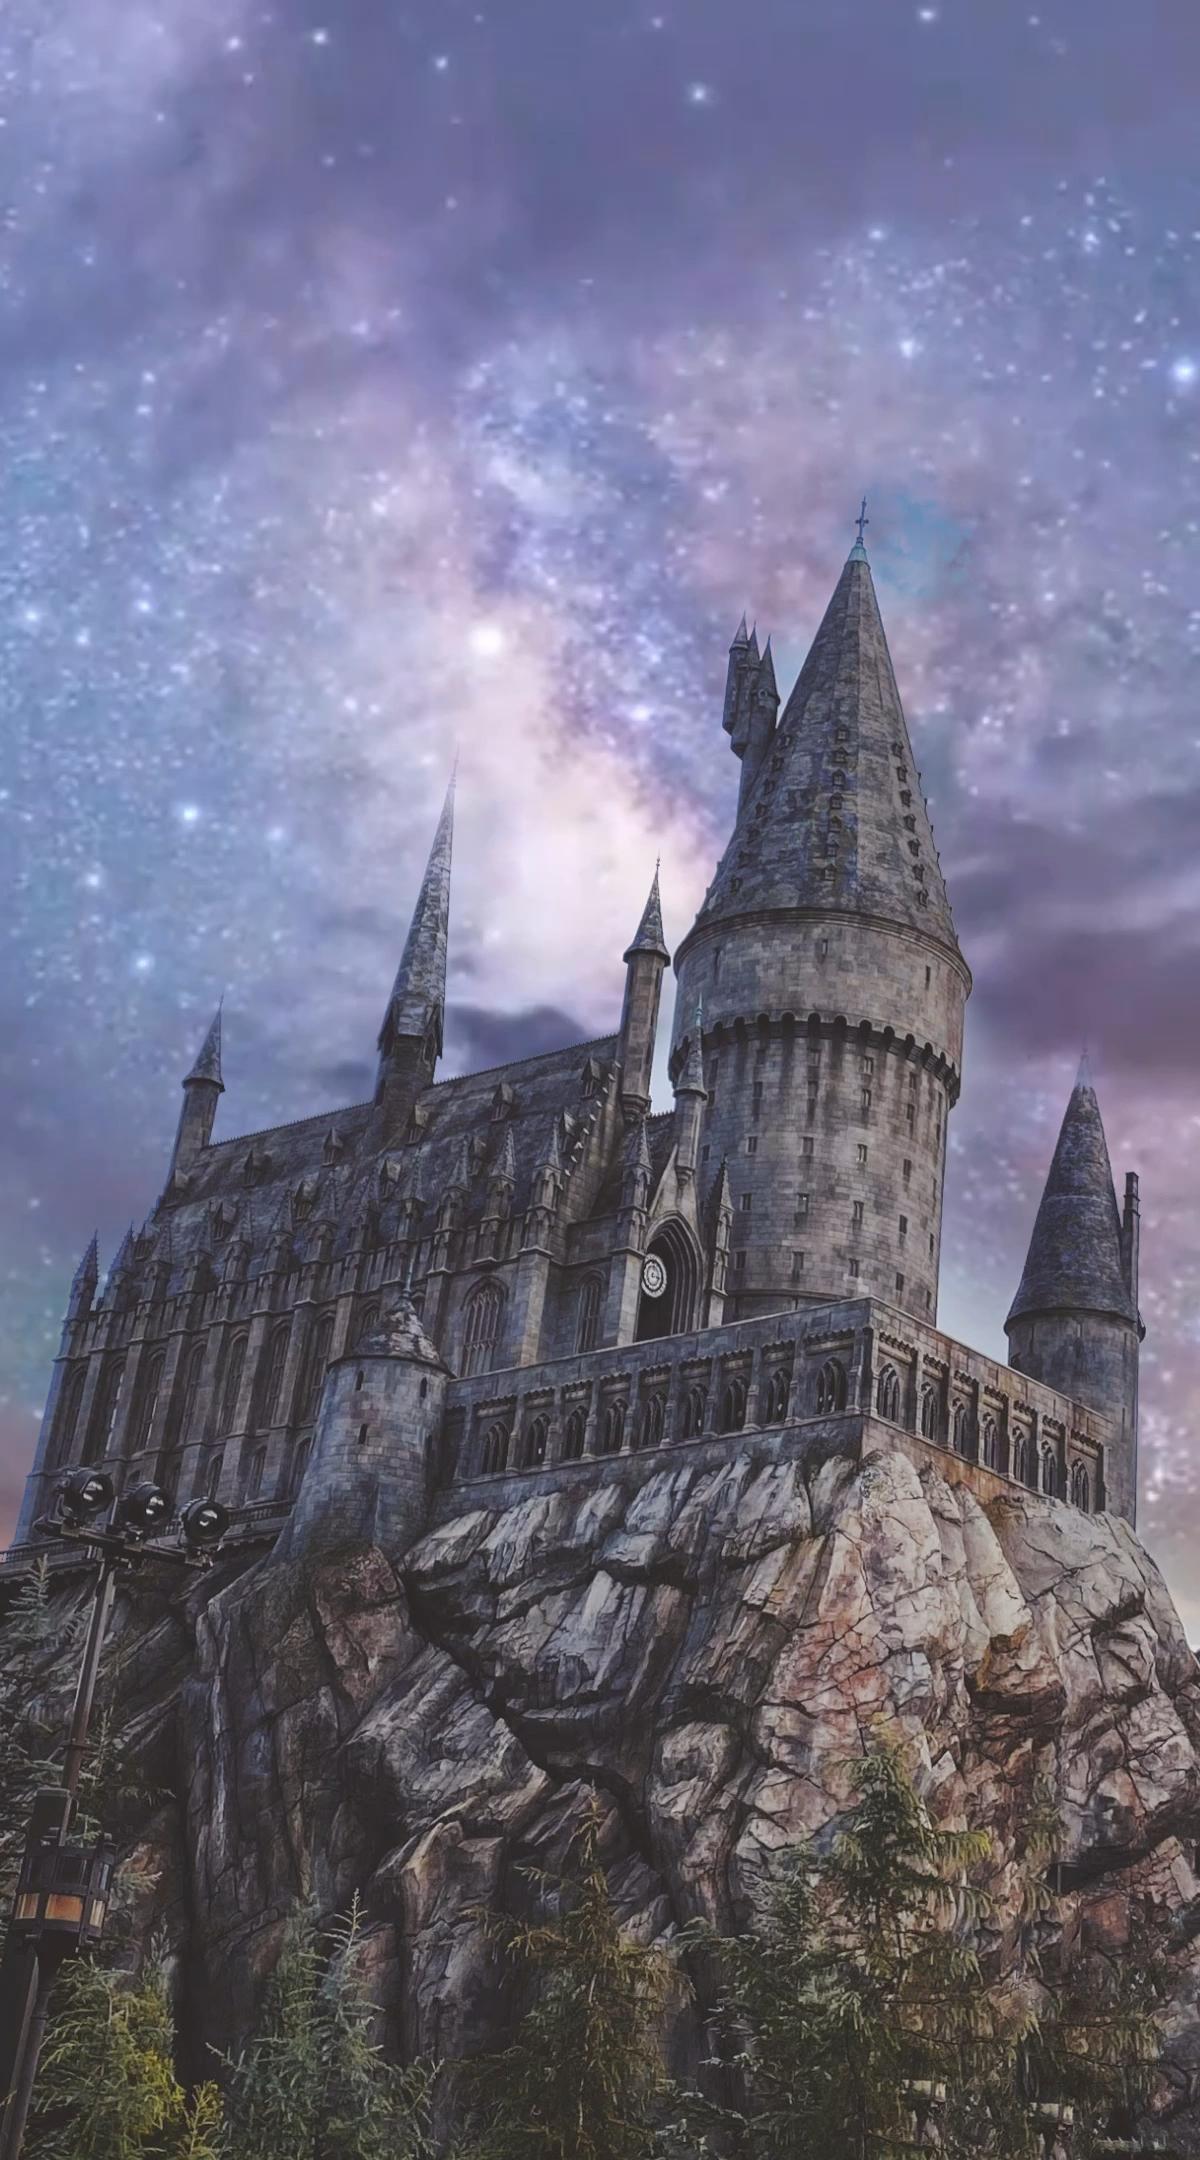 Stars Over Hogwarts